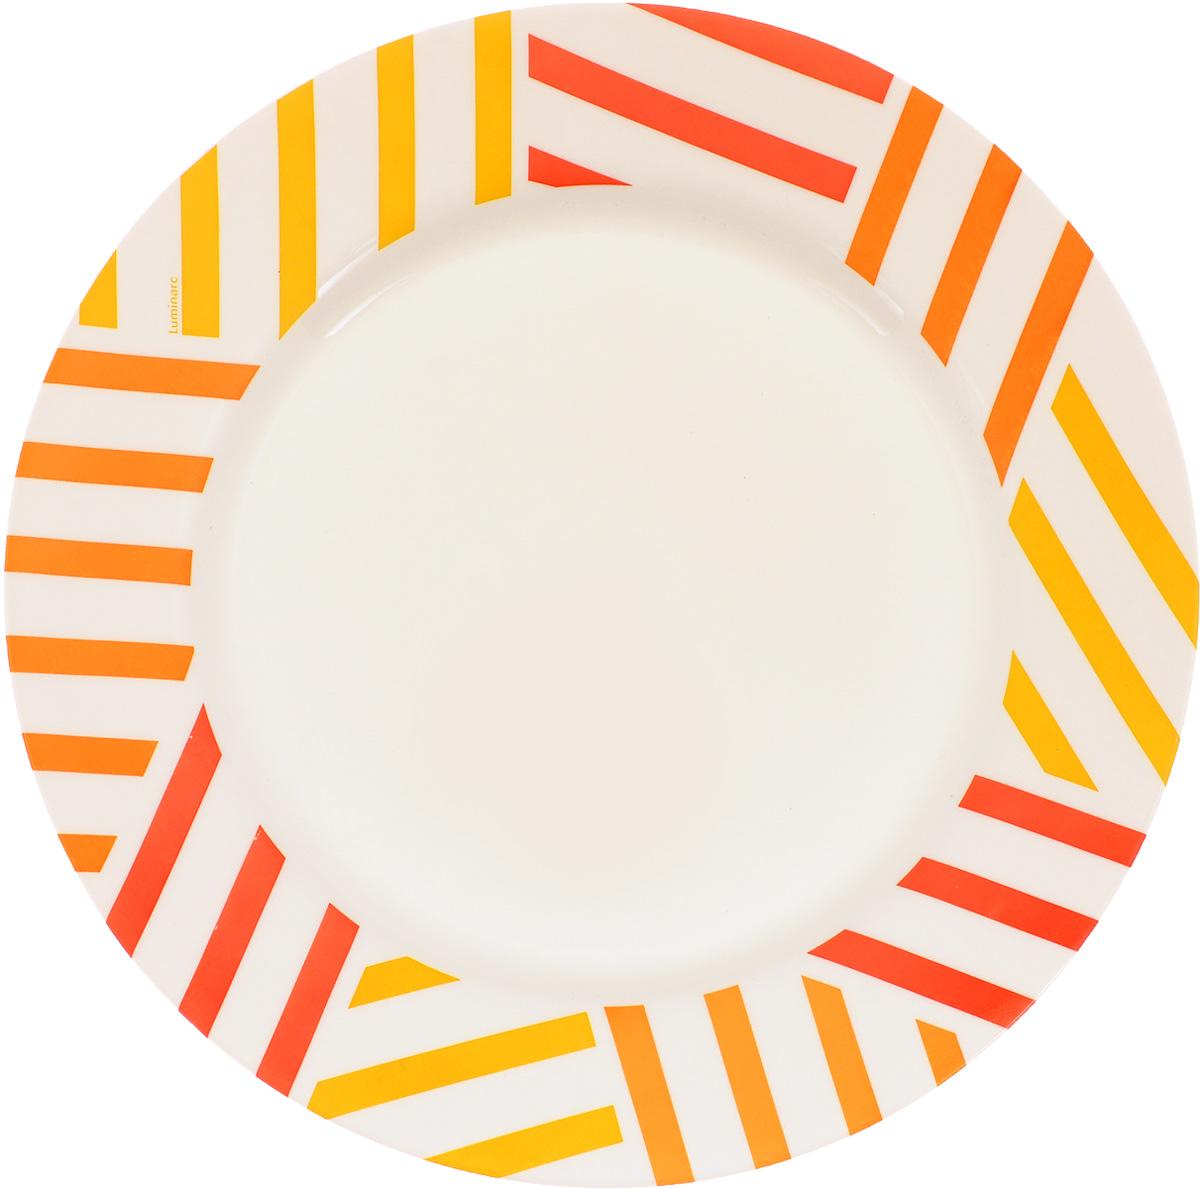 Тарелка Luminarc Balnea Sun, диаметр 26,5 см115510Тарелка Luminarc Balnea Sun, изготовленная из ударопрочного стекла, декорирована оригинальным изображением. Такая тарелка прекрасно подходит как для торжественных случаев, так и для повседневного использования. Идеальна для подачи десертов, пирожных, тортов и многого другого. Она прекрасно оформит стол и станет отличным дополнением к вашей коллекции кухонной посуды. Диаметр тарелки (по верхнему краю): 26,5 см. Высота тарелки: 2,5 см.